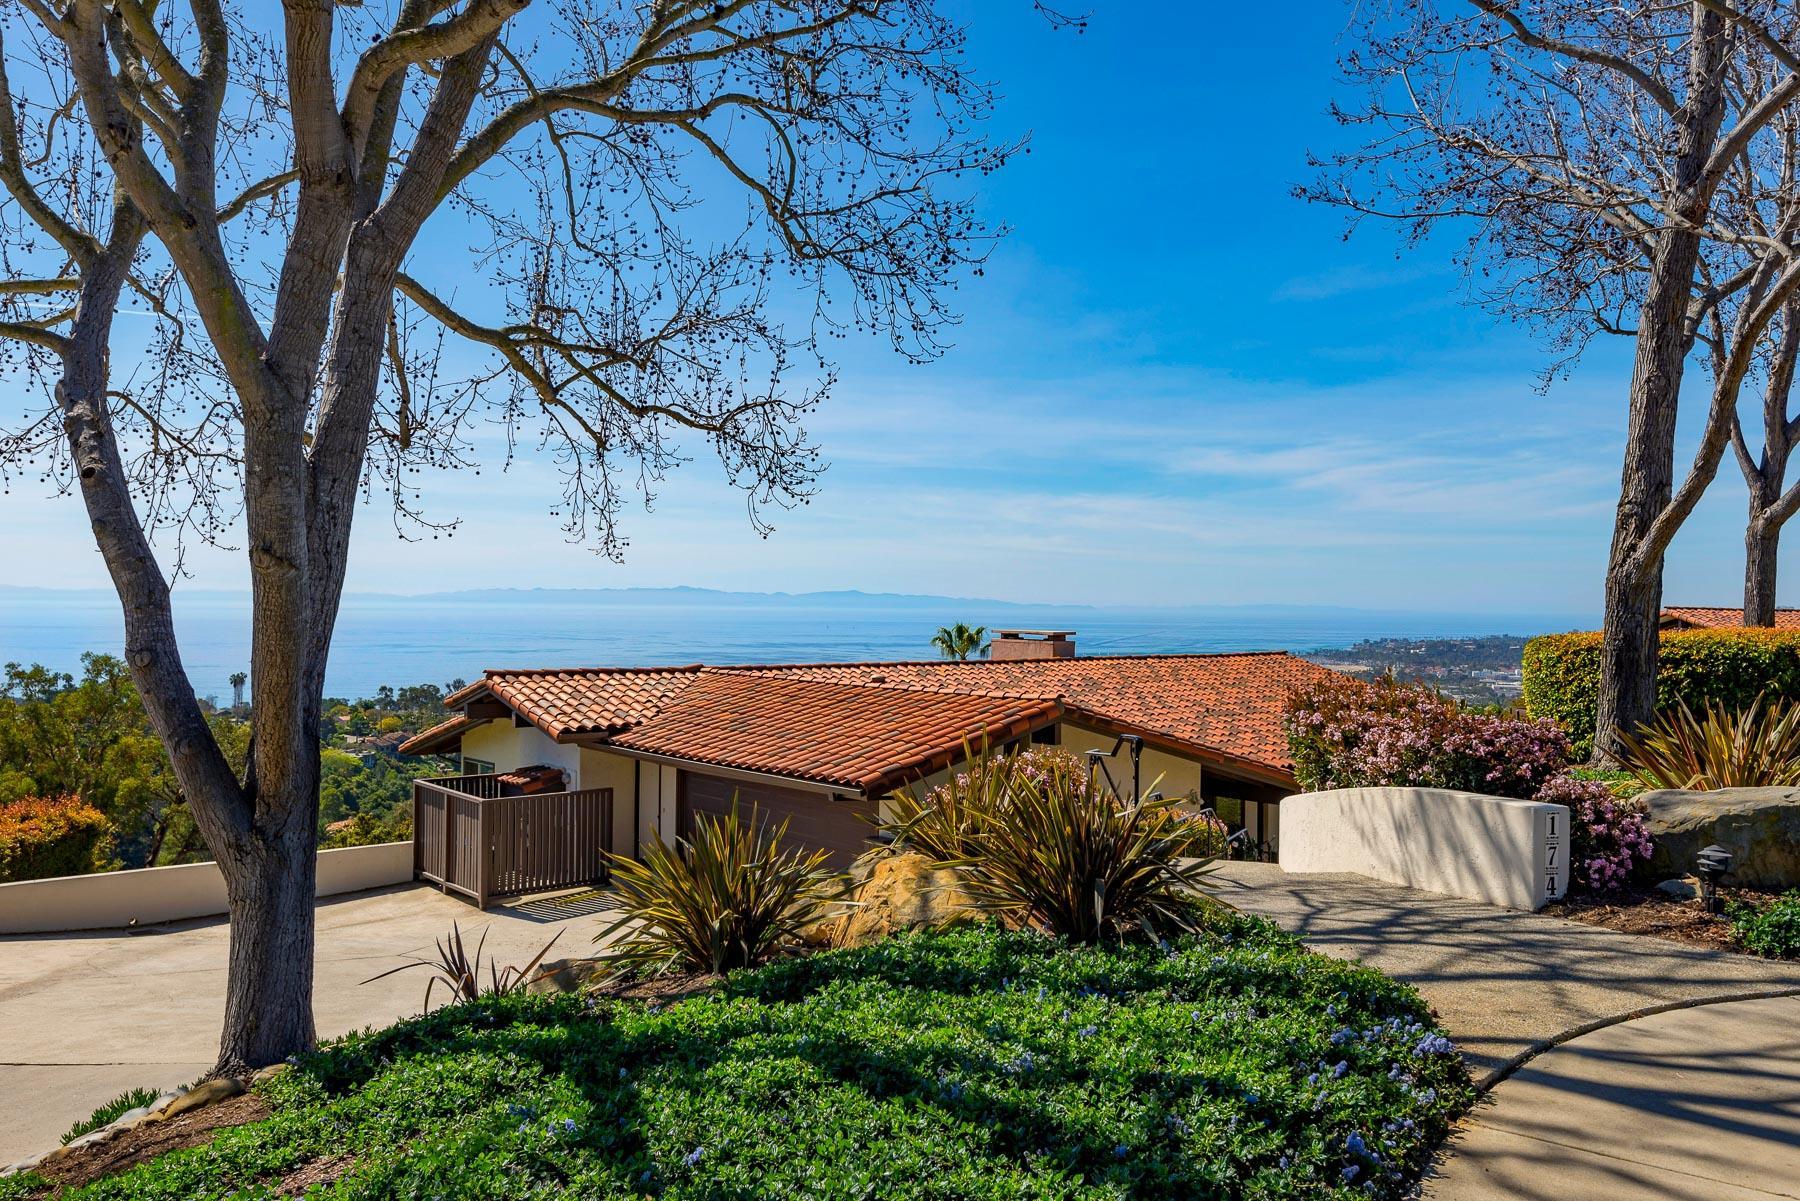 Property photo for 174 Coronada Cir Montecito, California 93108 - 17-864